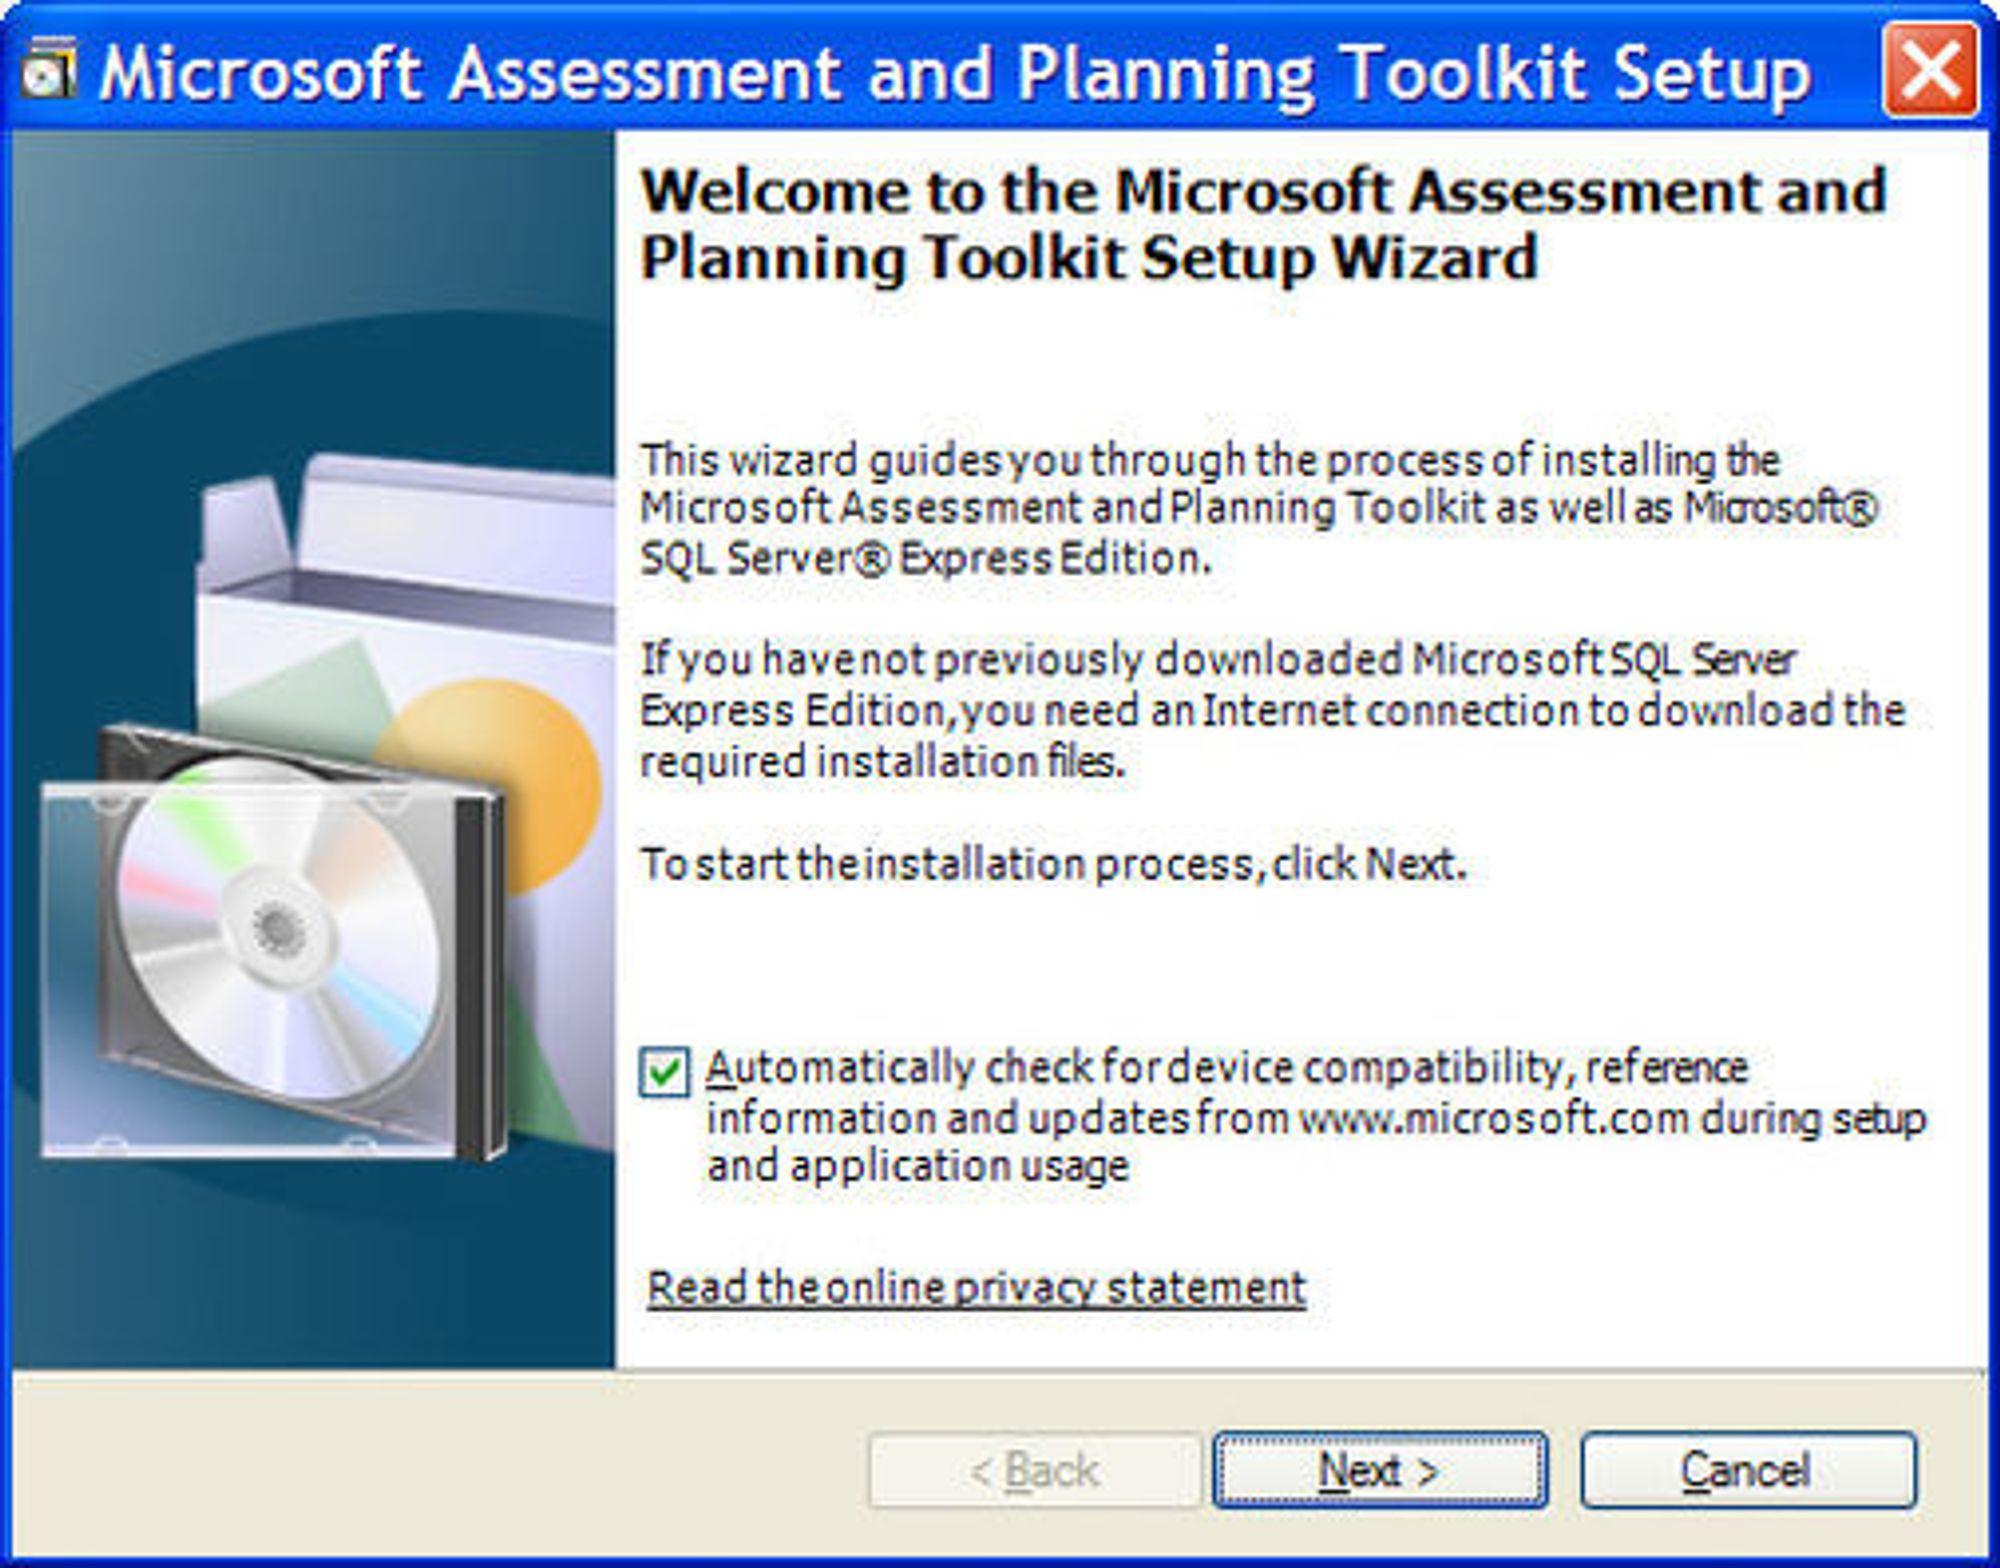 Installasjonen av Microsoft Assessment and Planning Toolkit 4.0 beta krever at SQL Server ExpressEdition lastes ned og installeres.